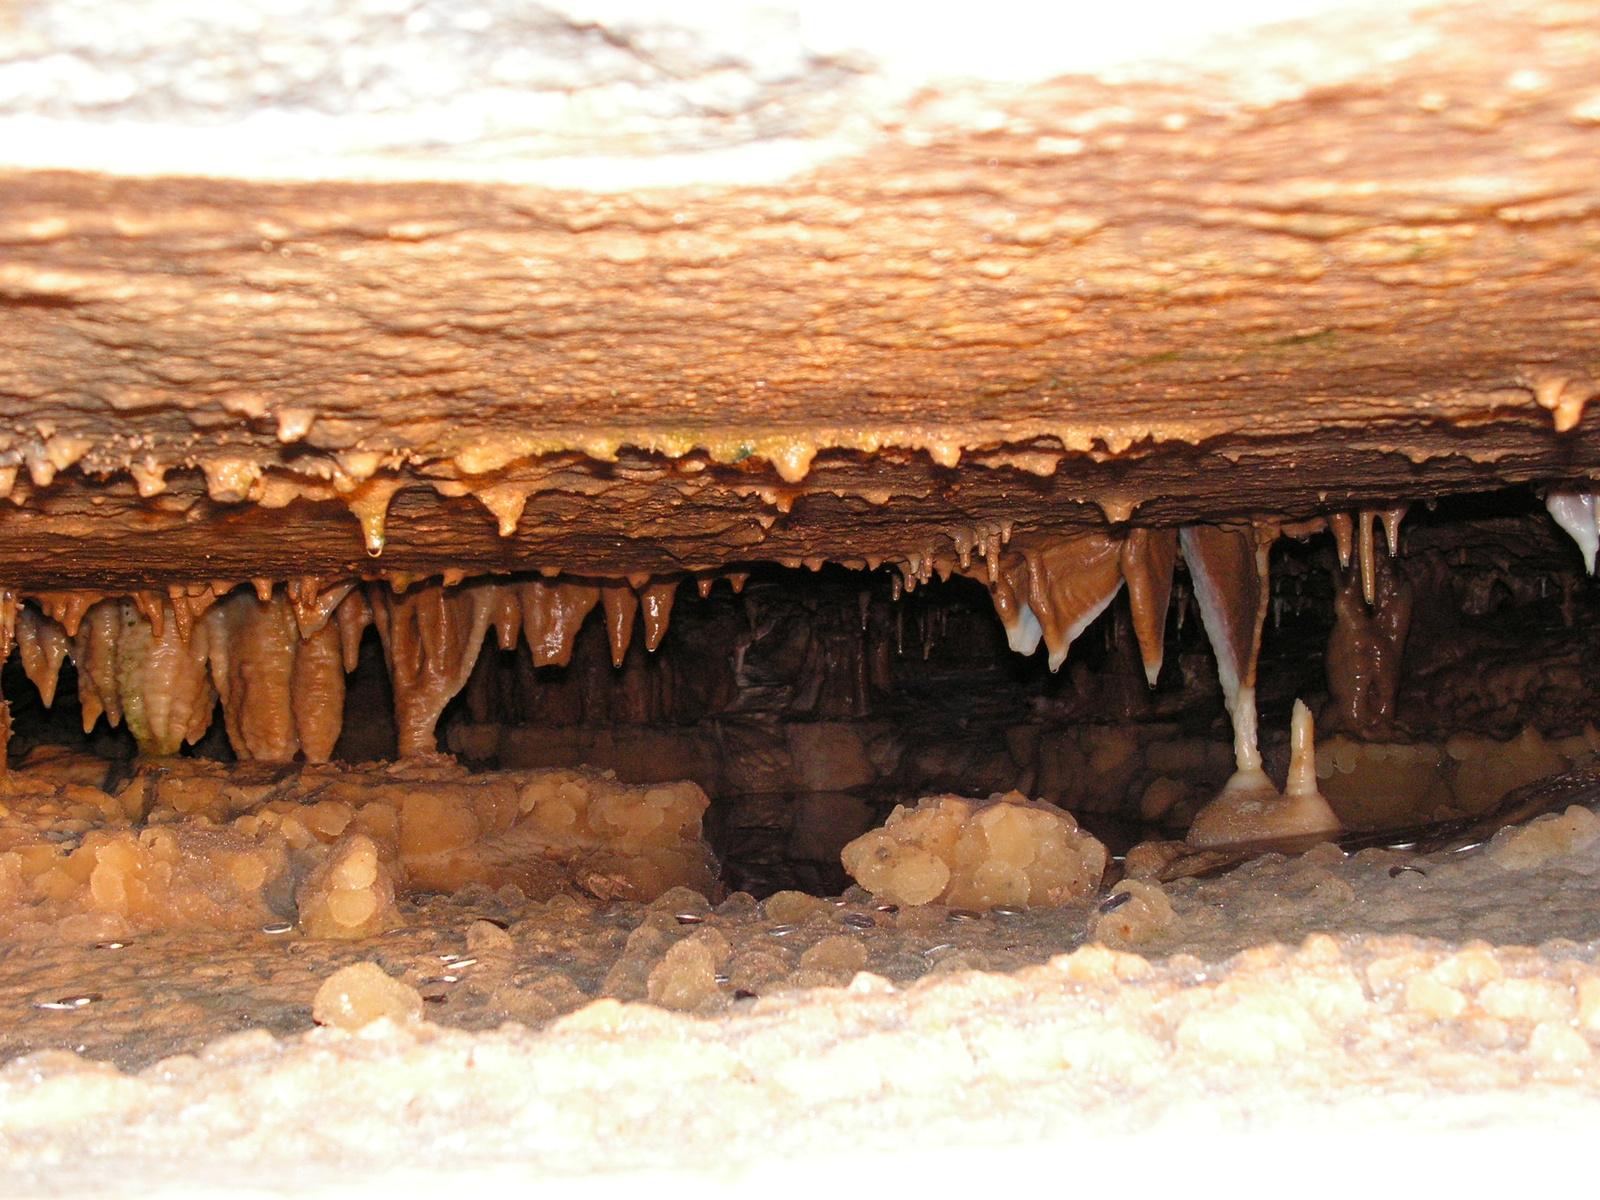 Csehország, Morva karszt, Balcarka barlang, SzG3